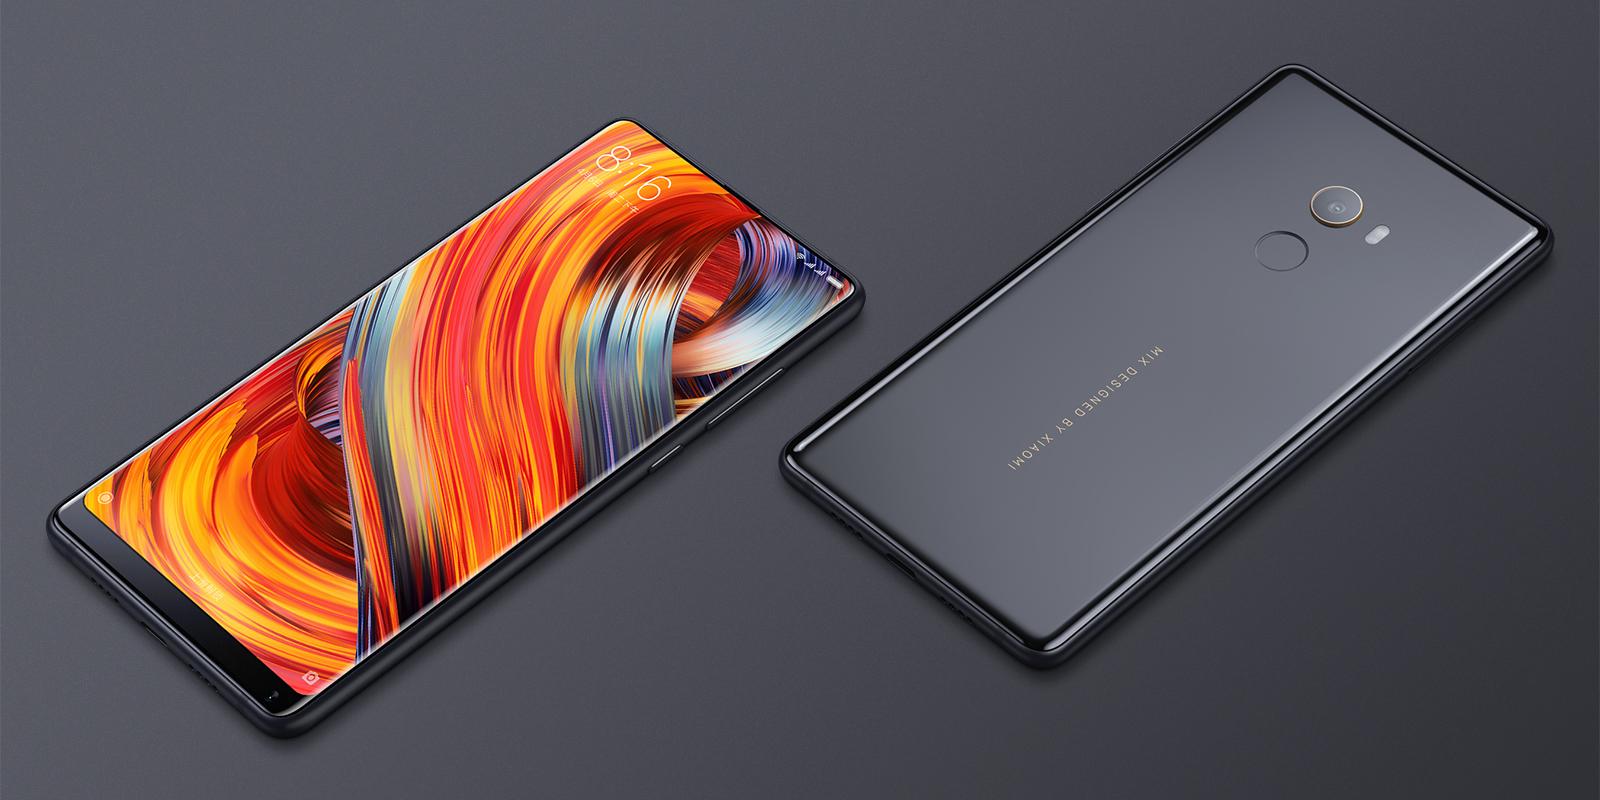 Mi Mix 2 Xiaomi, prezzo e caratteristiche dello smartphone anti-apple